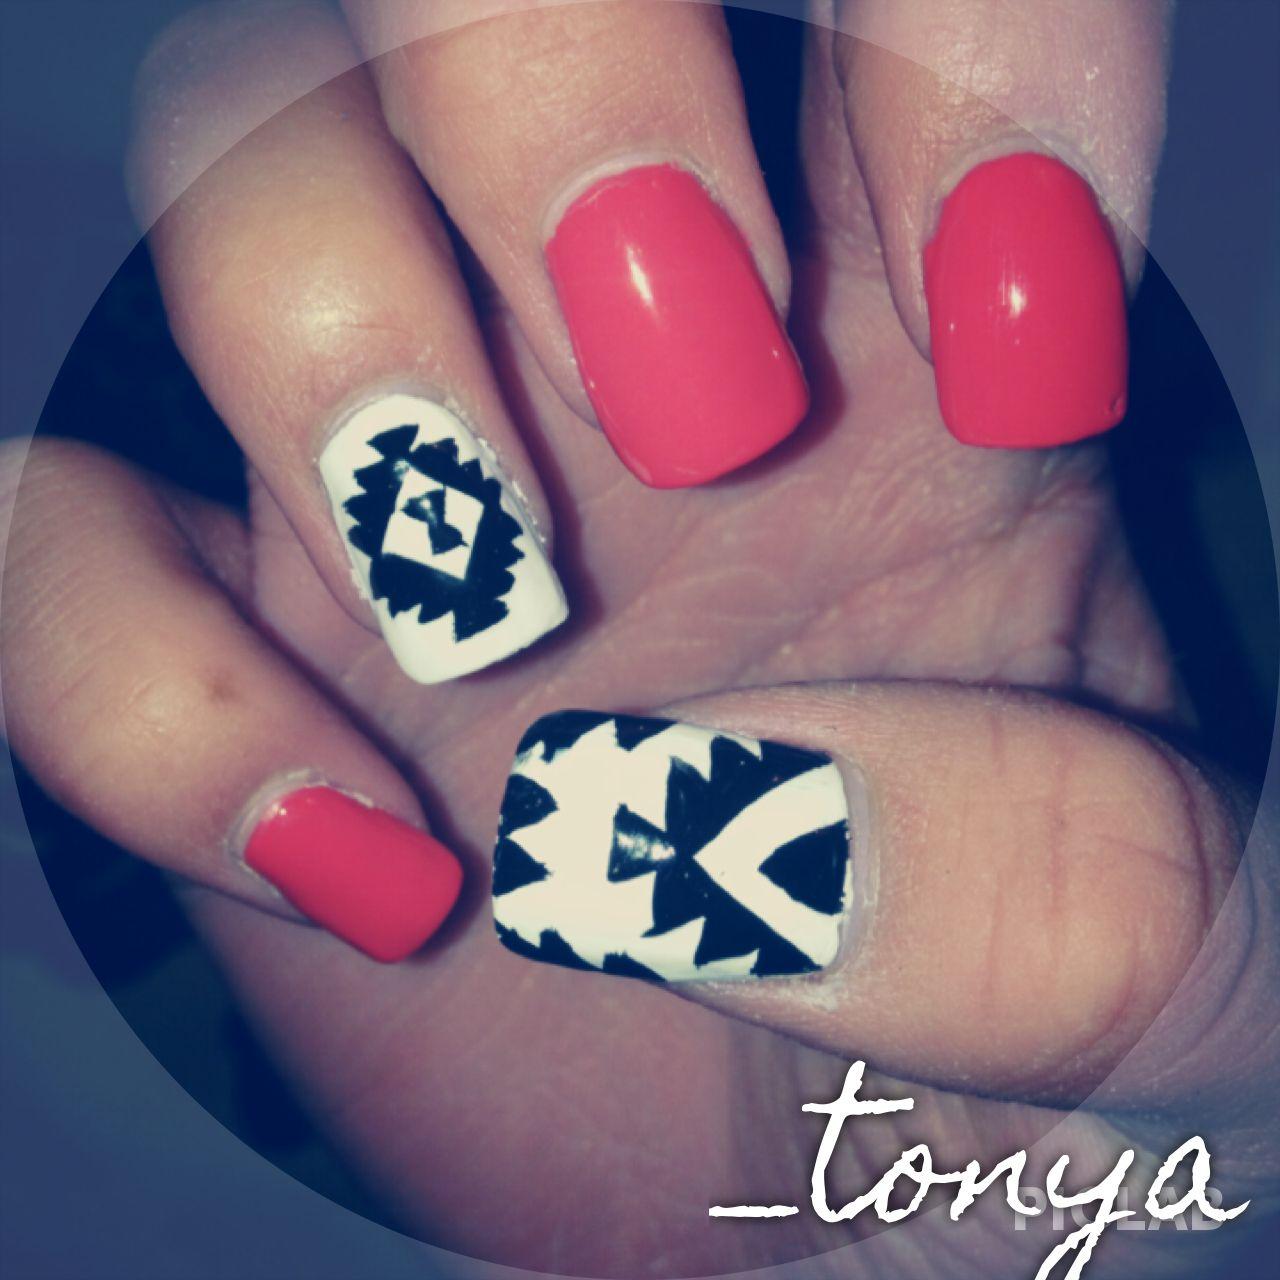 Aztec tribal nail designs #pinterest #nails #naildesigns #nailart @Arunie Siyavong